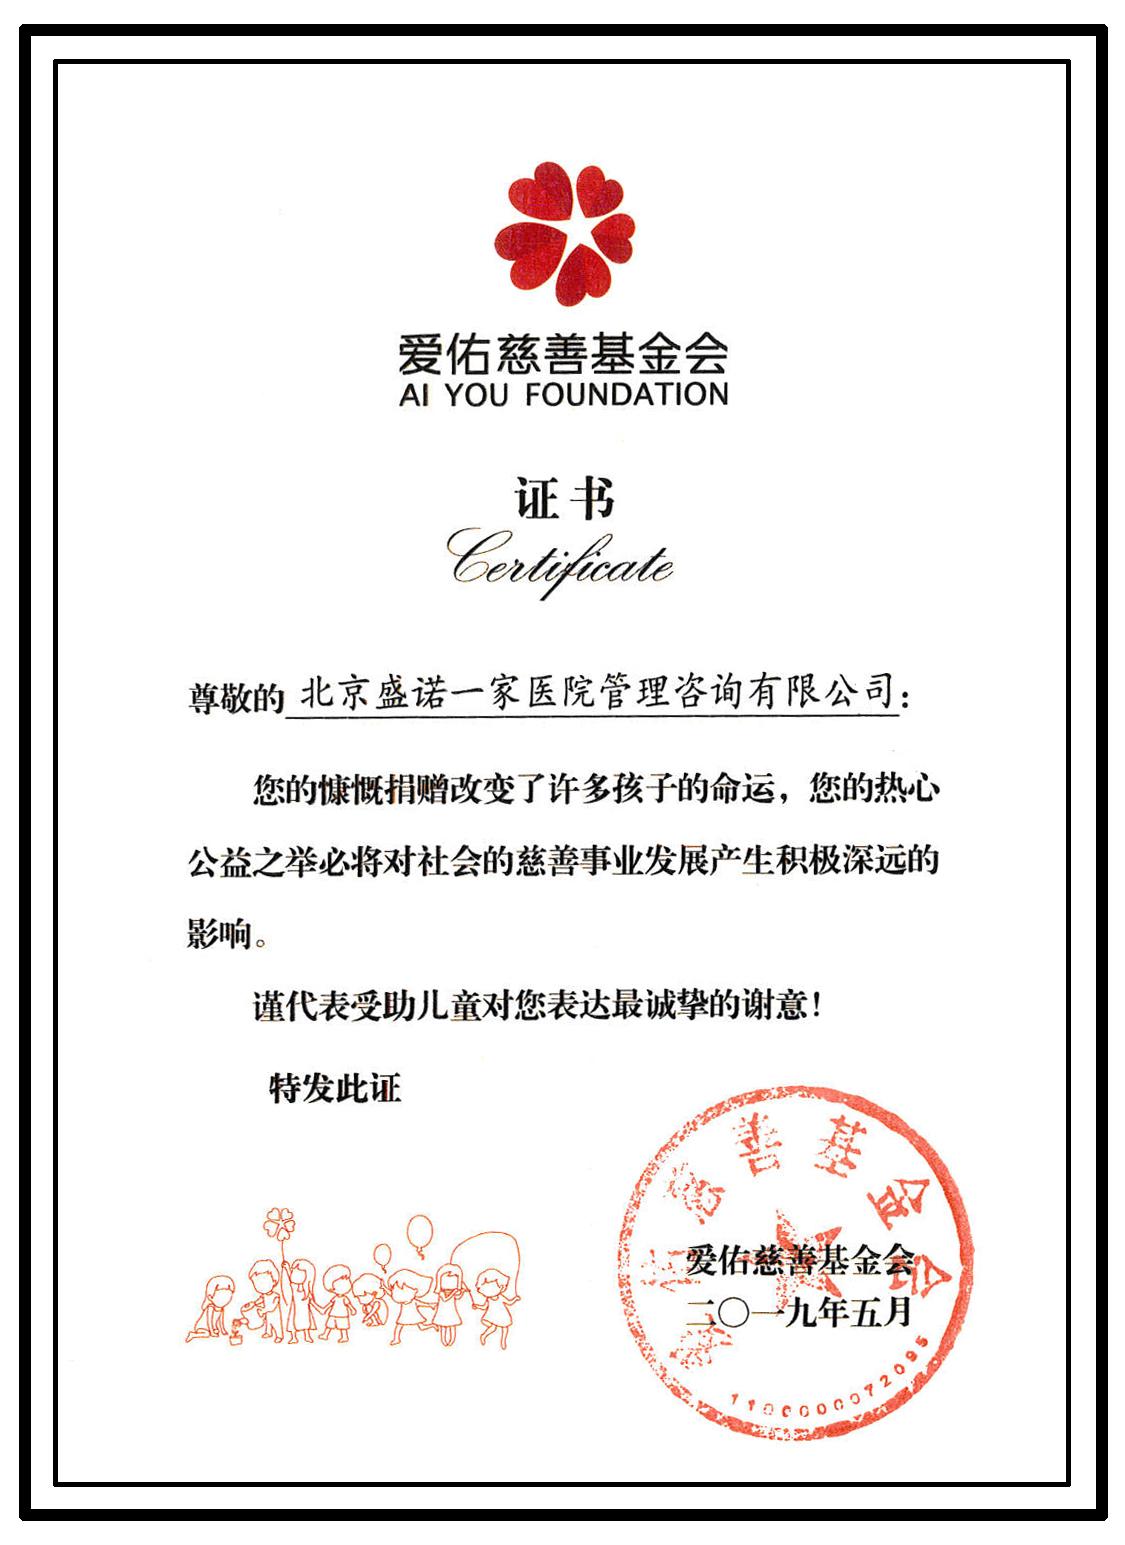 w66網址捐贈完成證書